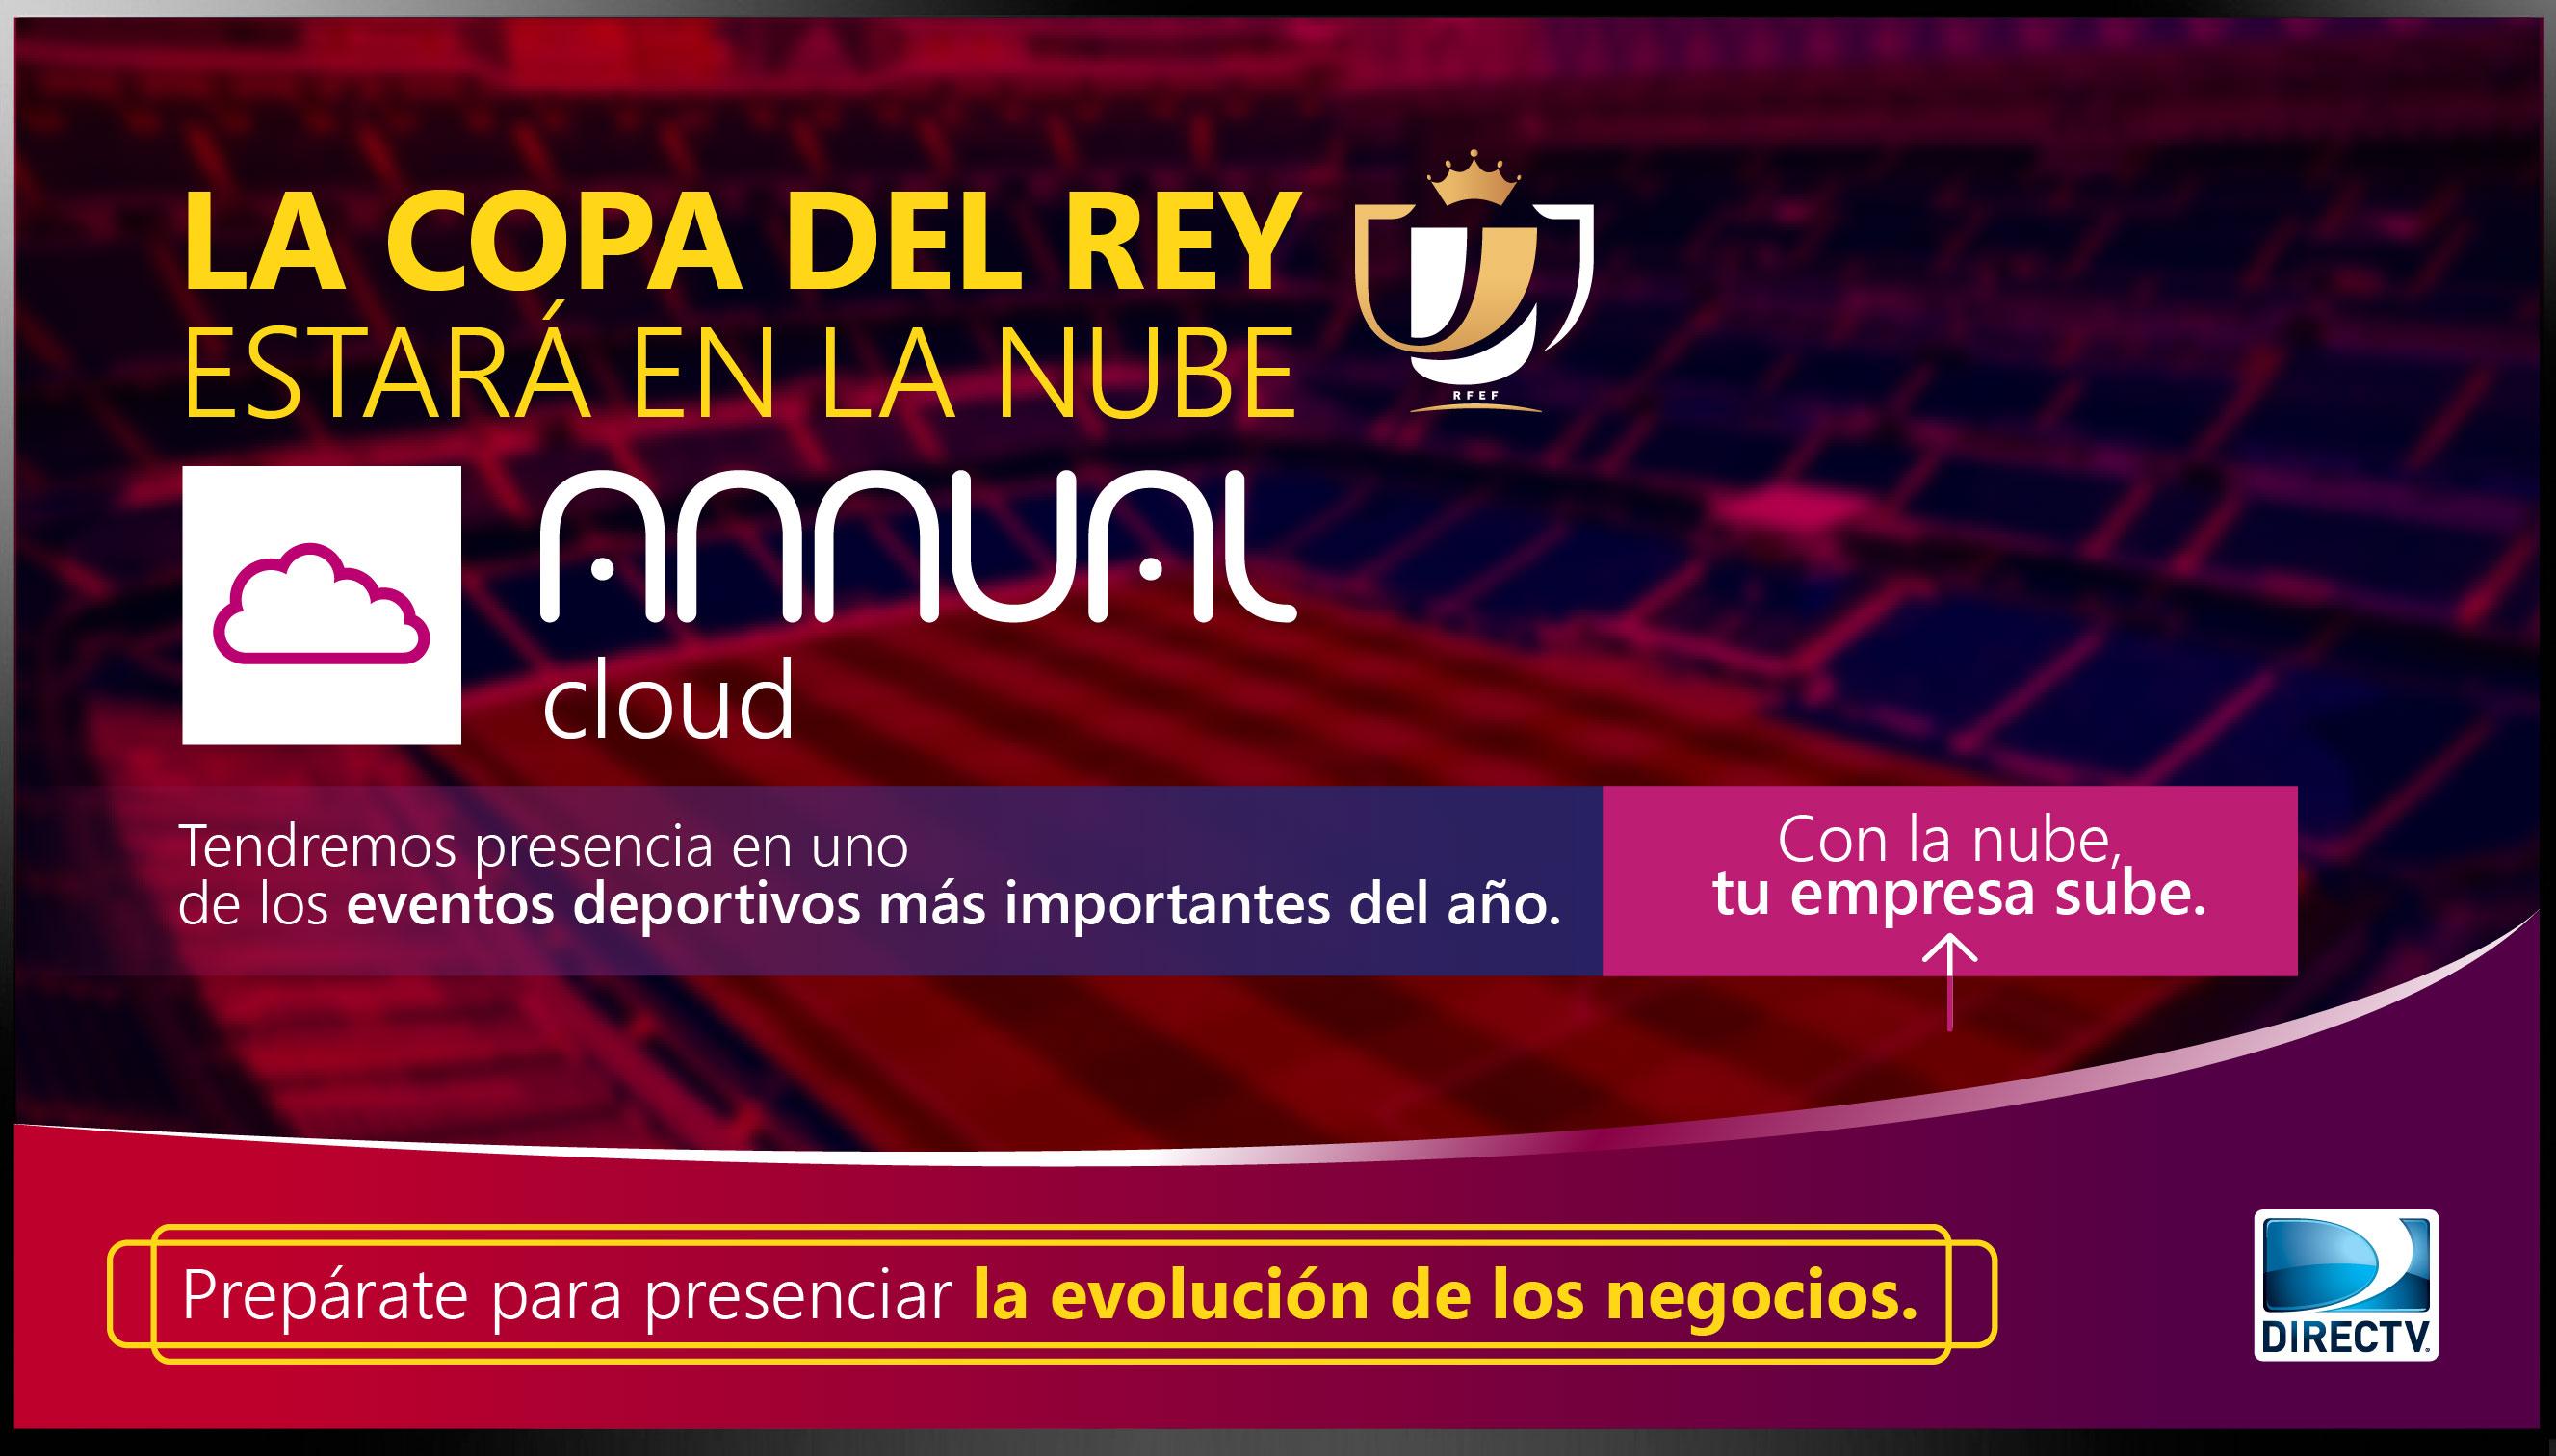 Saint refuerza campaña publicitaria en Latinoamérica.